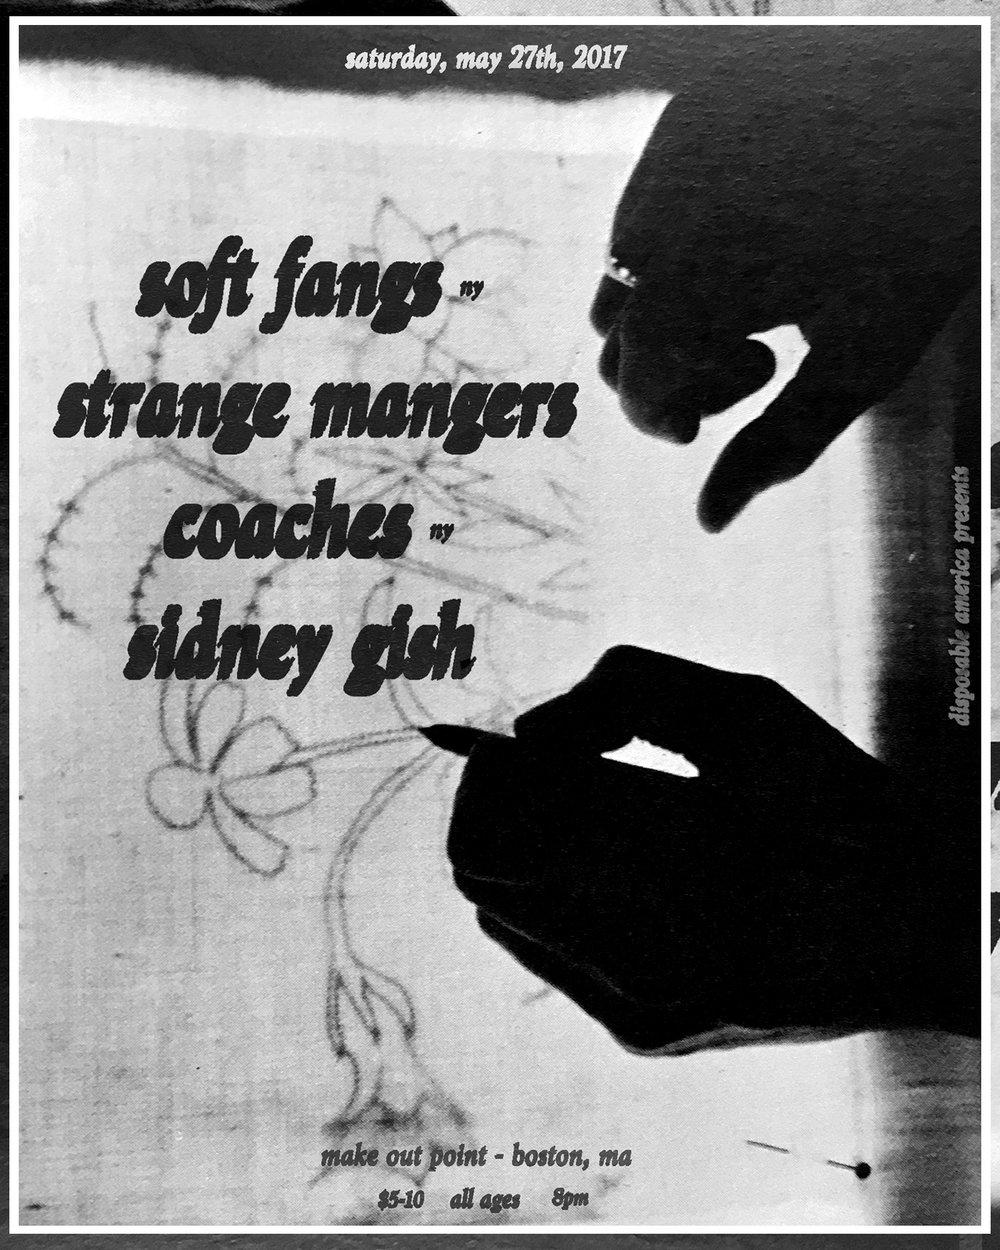 Flyer-SoftFangs527-WhiteBorder copy.jpg